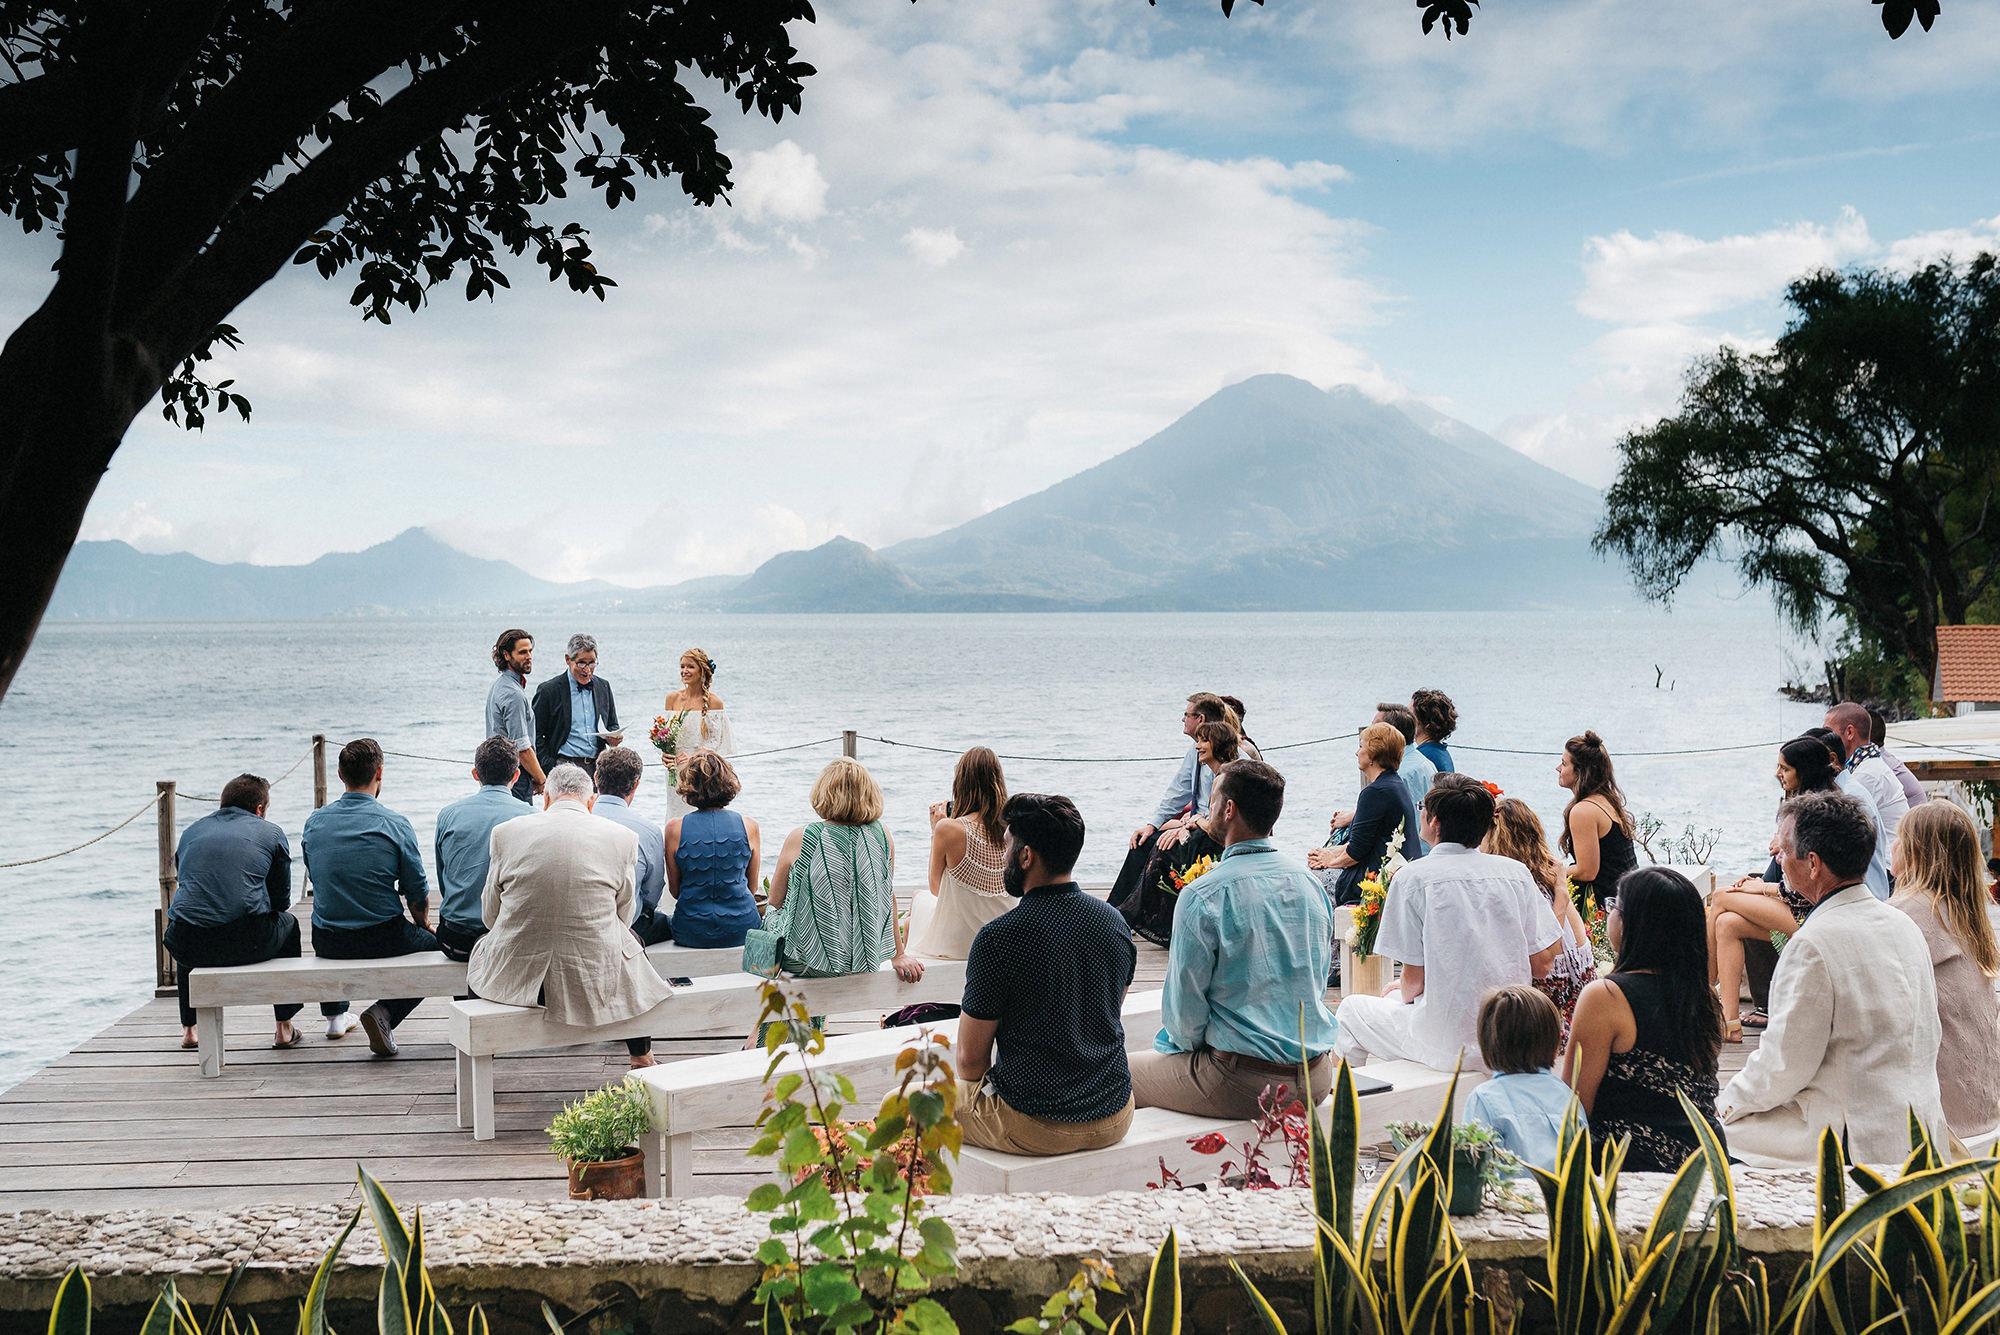 Top 5 Wedding Destinations of Your Dreams